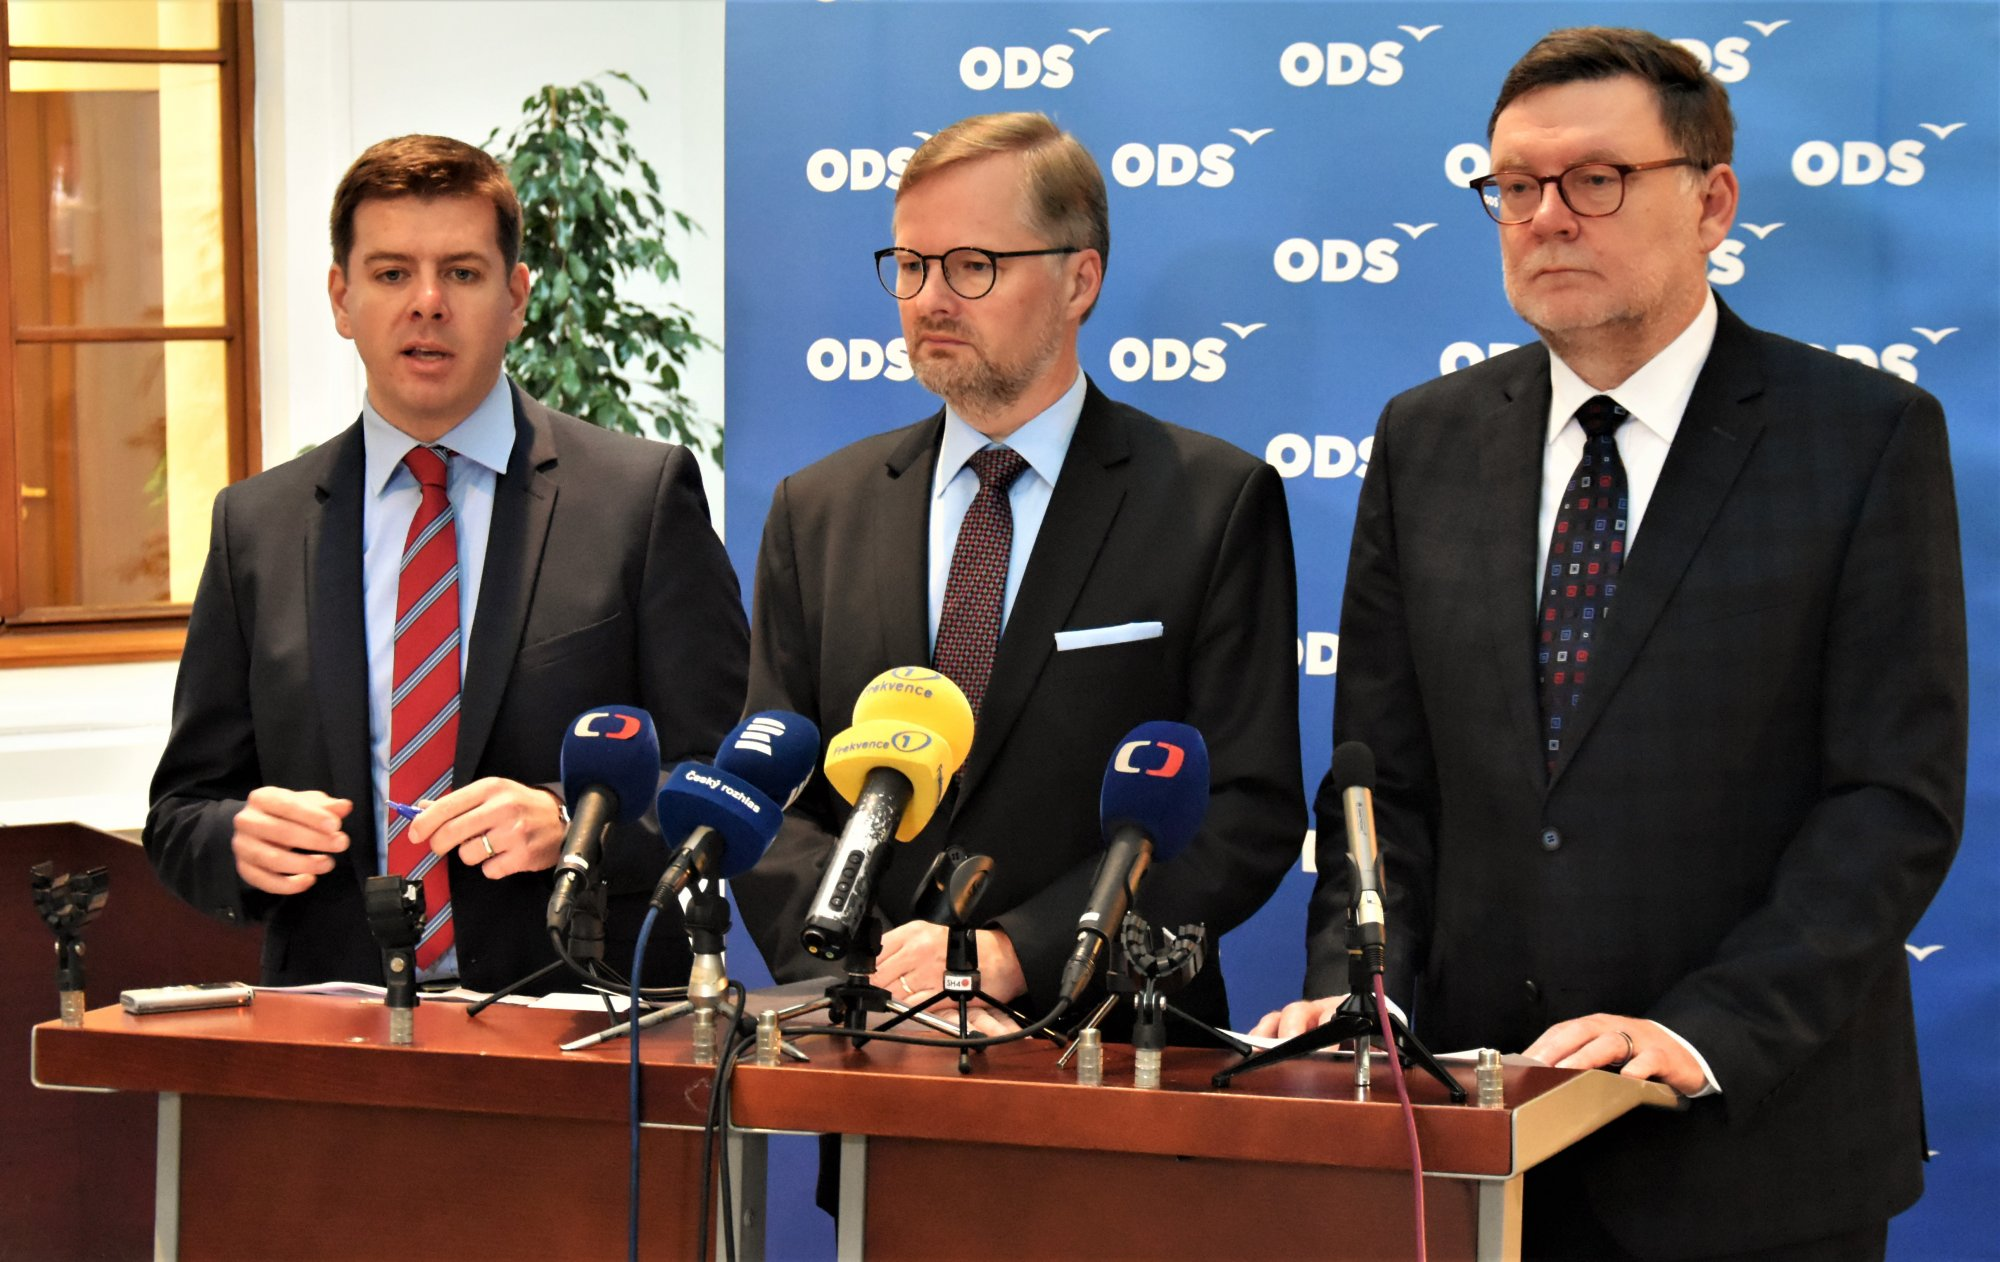 ODS: EET přinesla jen zavřené obchody a zbytečnou byrokracii, až budeme ve vládě, nesmyslnou evidenci zrušíme